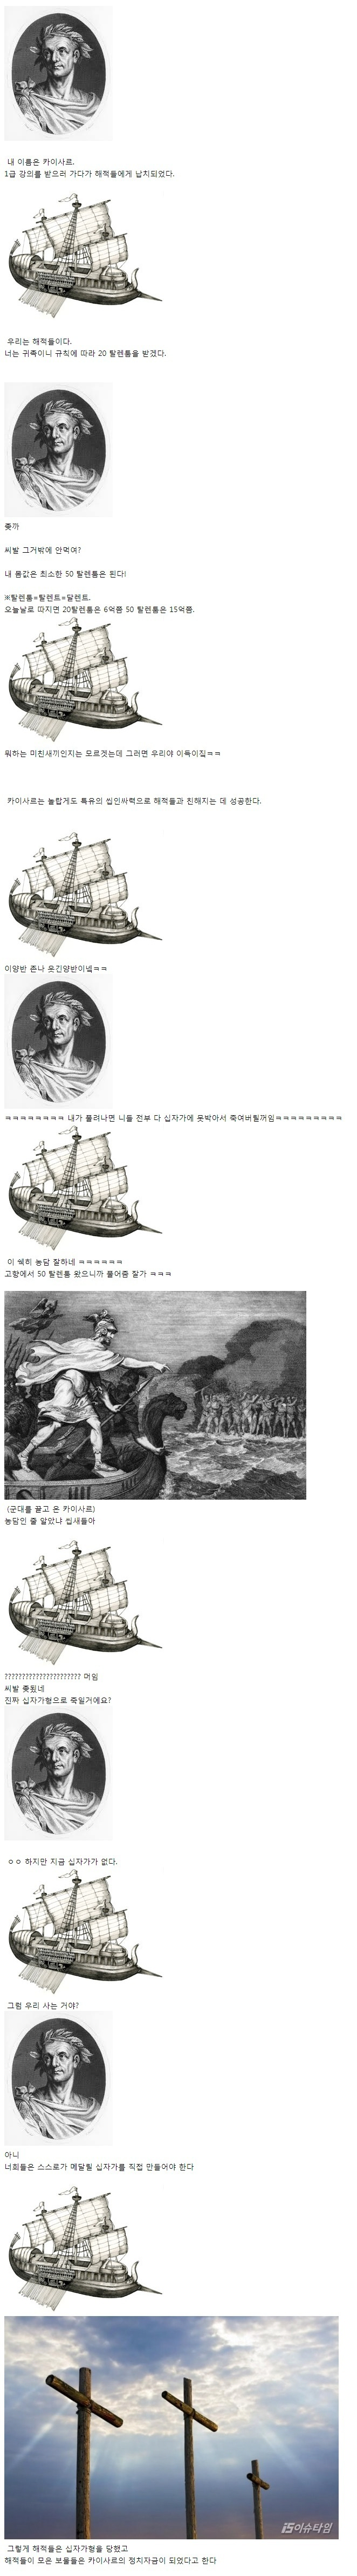 카이사르가 해적소굴에서 탈출하는 방법 - 꾸르